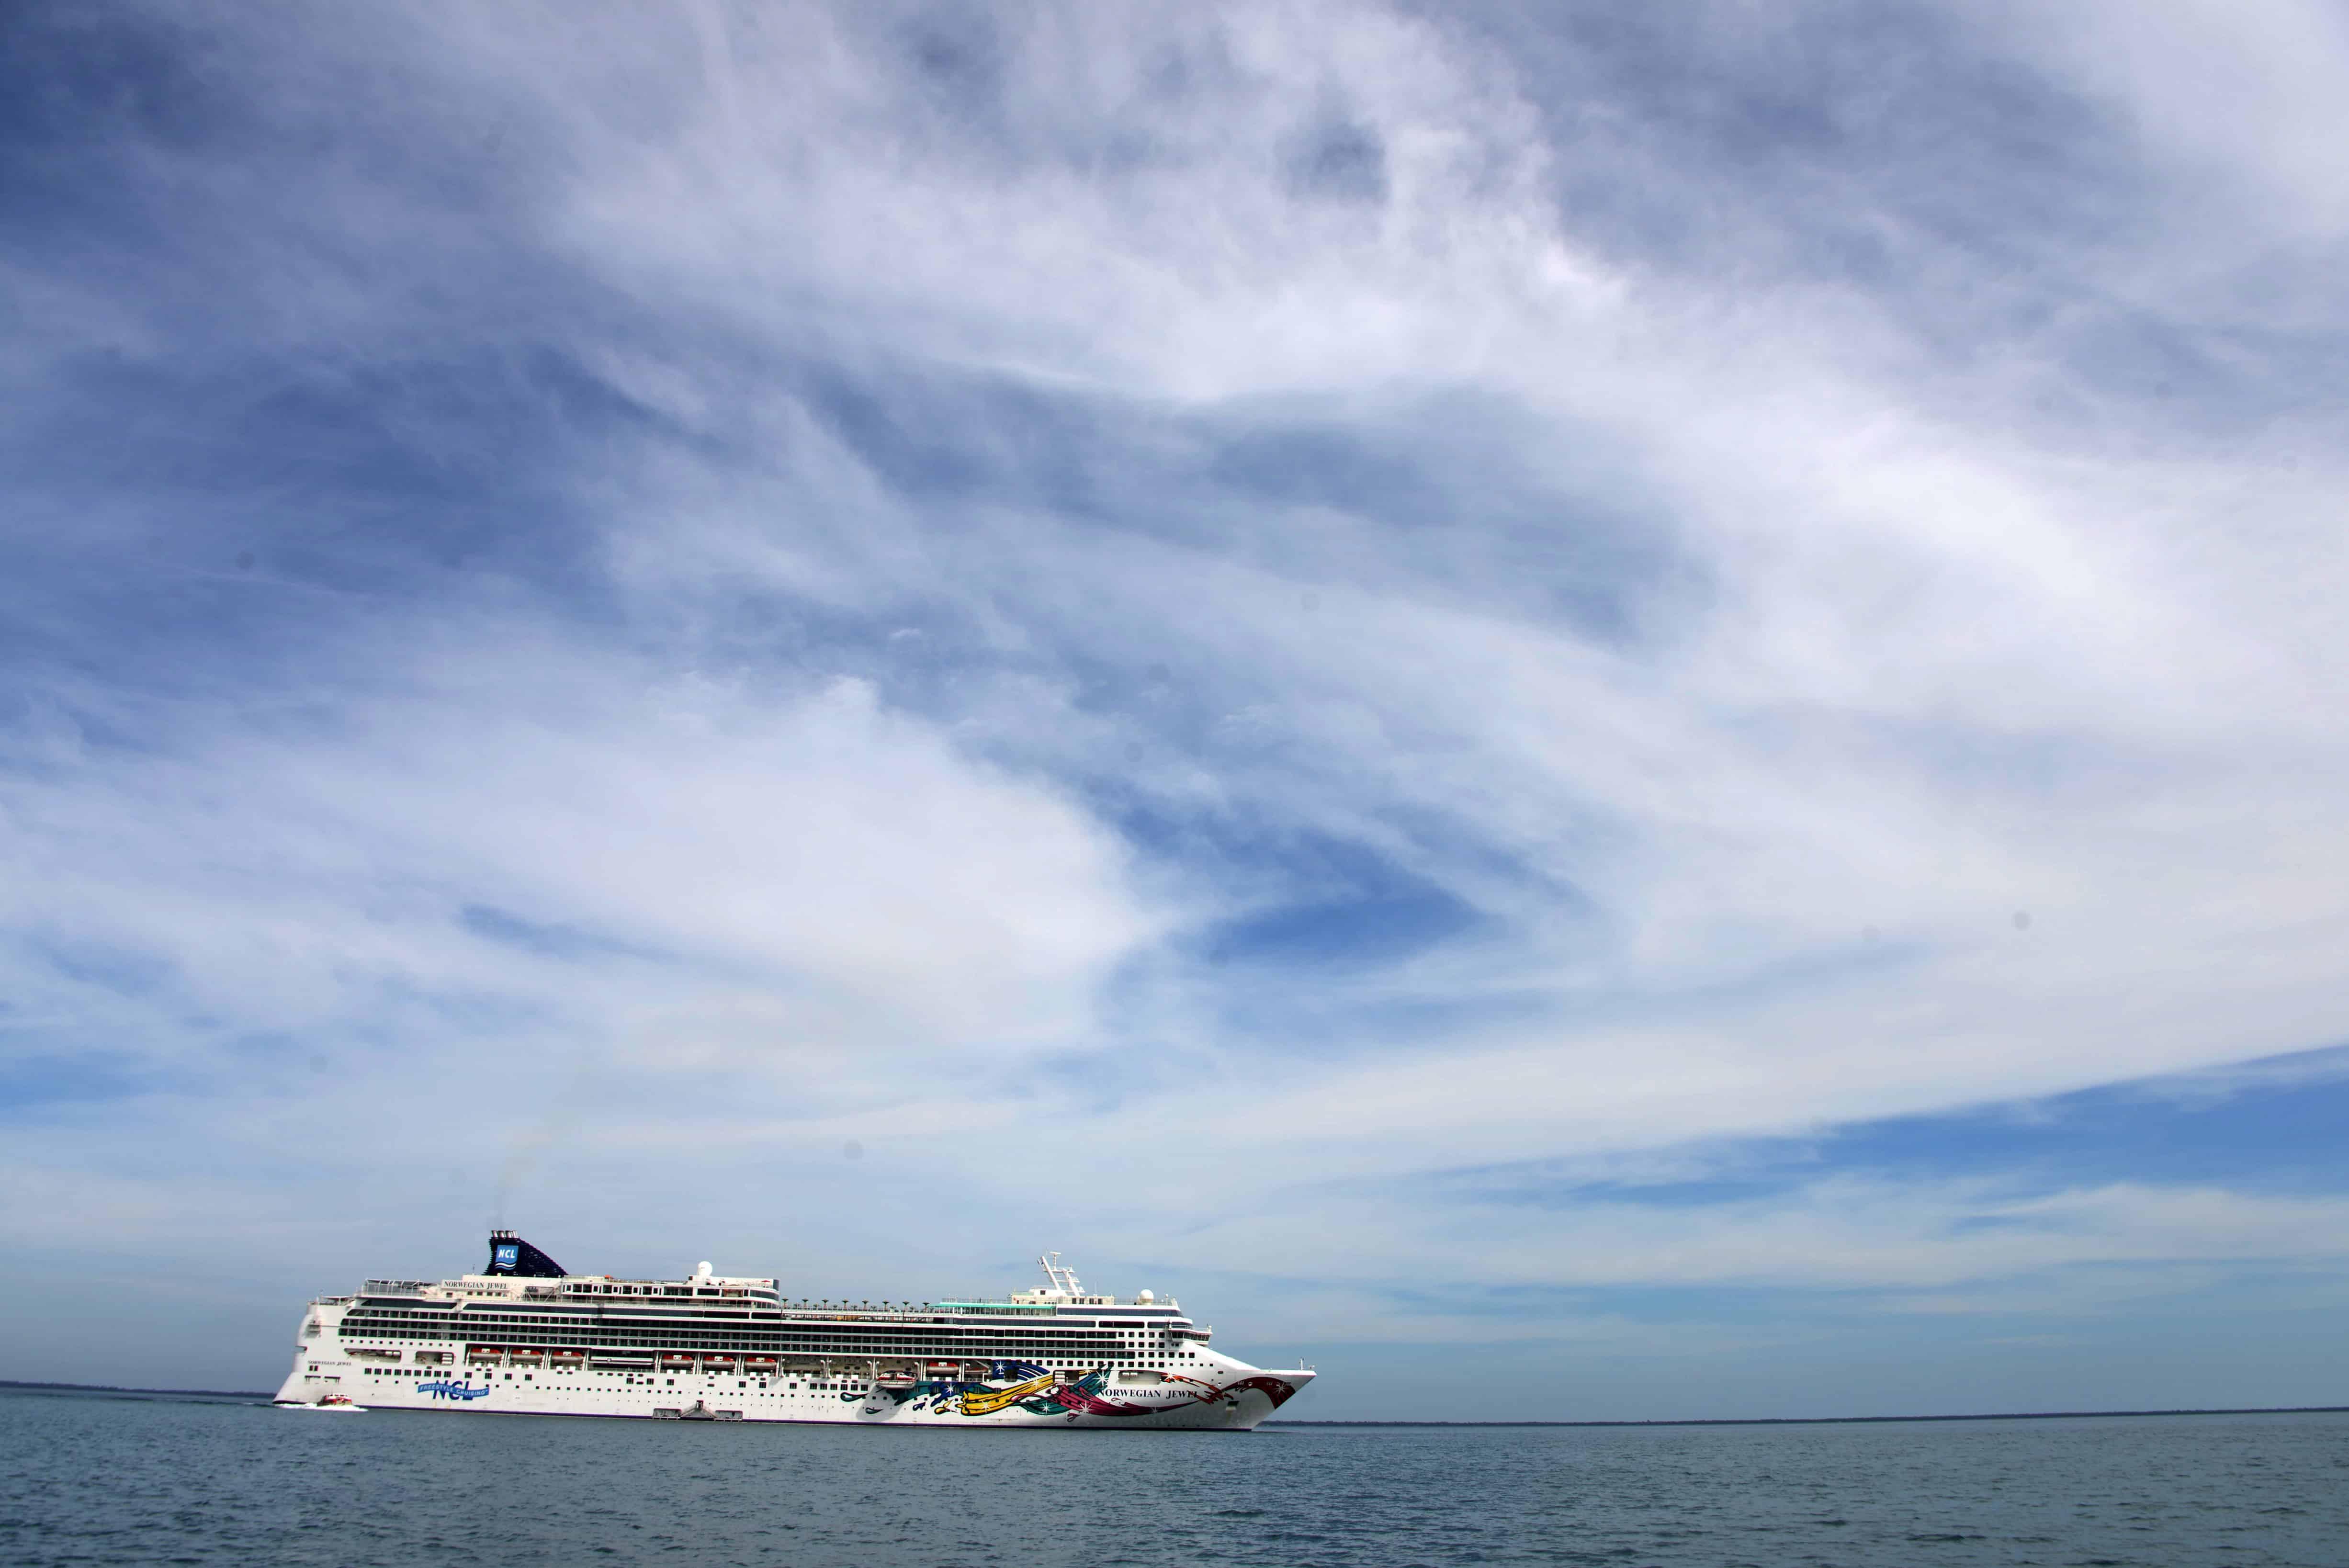 A cruise ship approaches Trujillo, Honduras.